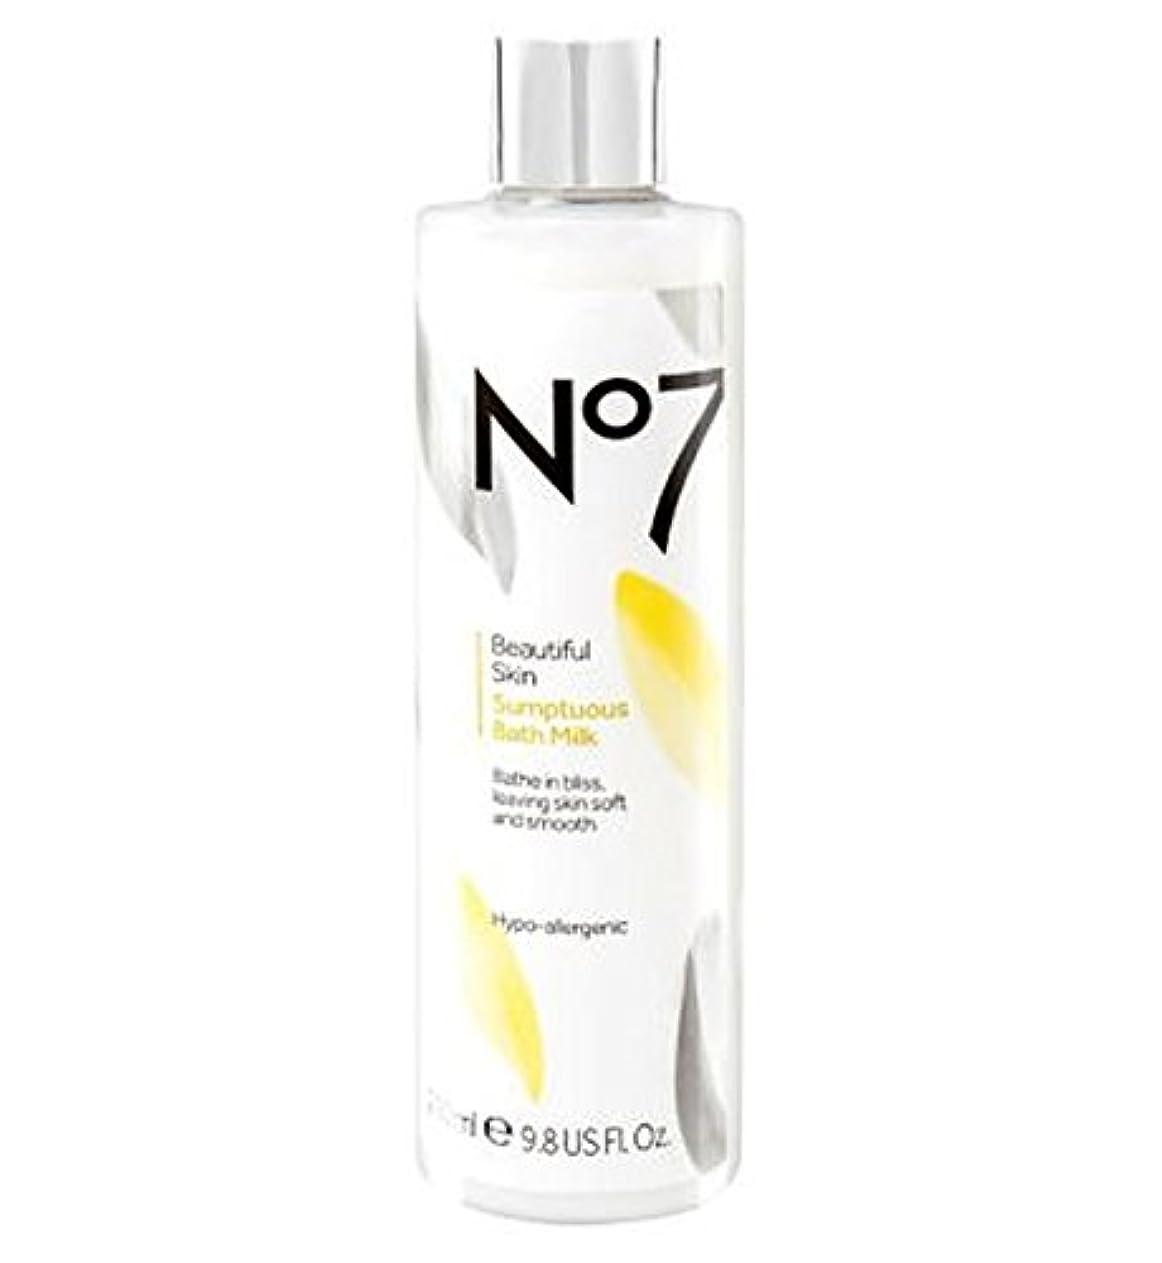 洗練学部図No7 Beautiful Skin Sumptuous Bath Milk - No7美しい肌豪華なバスミルク (No7) [並行輸入品]